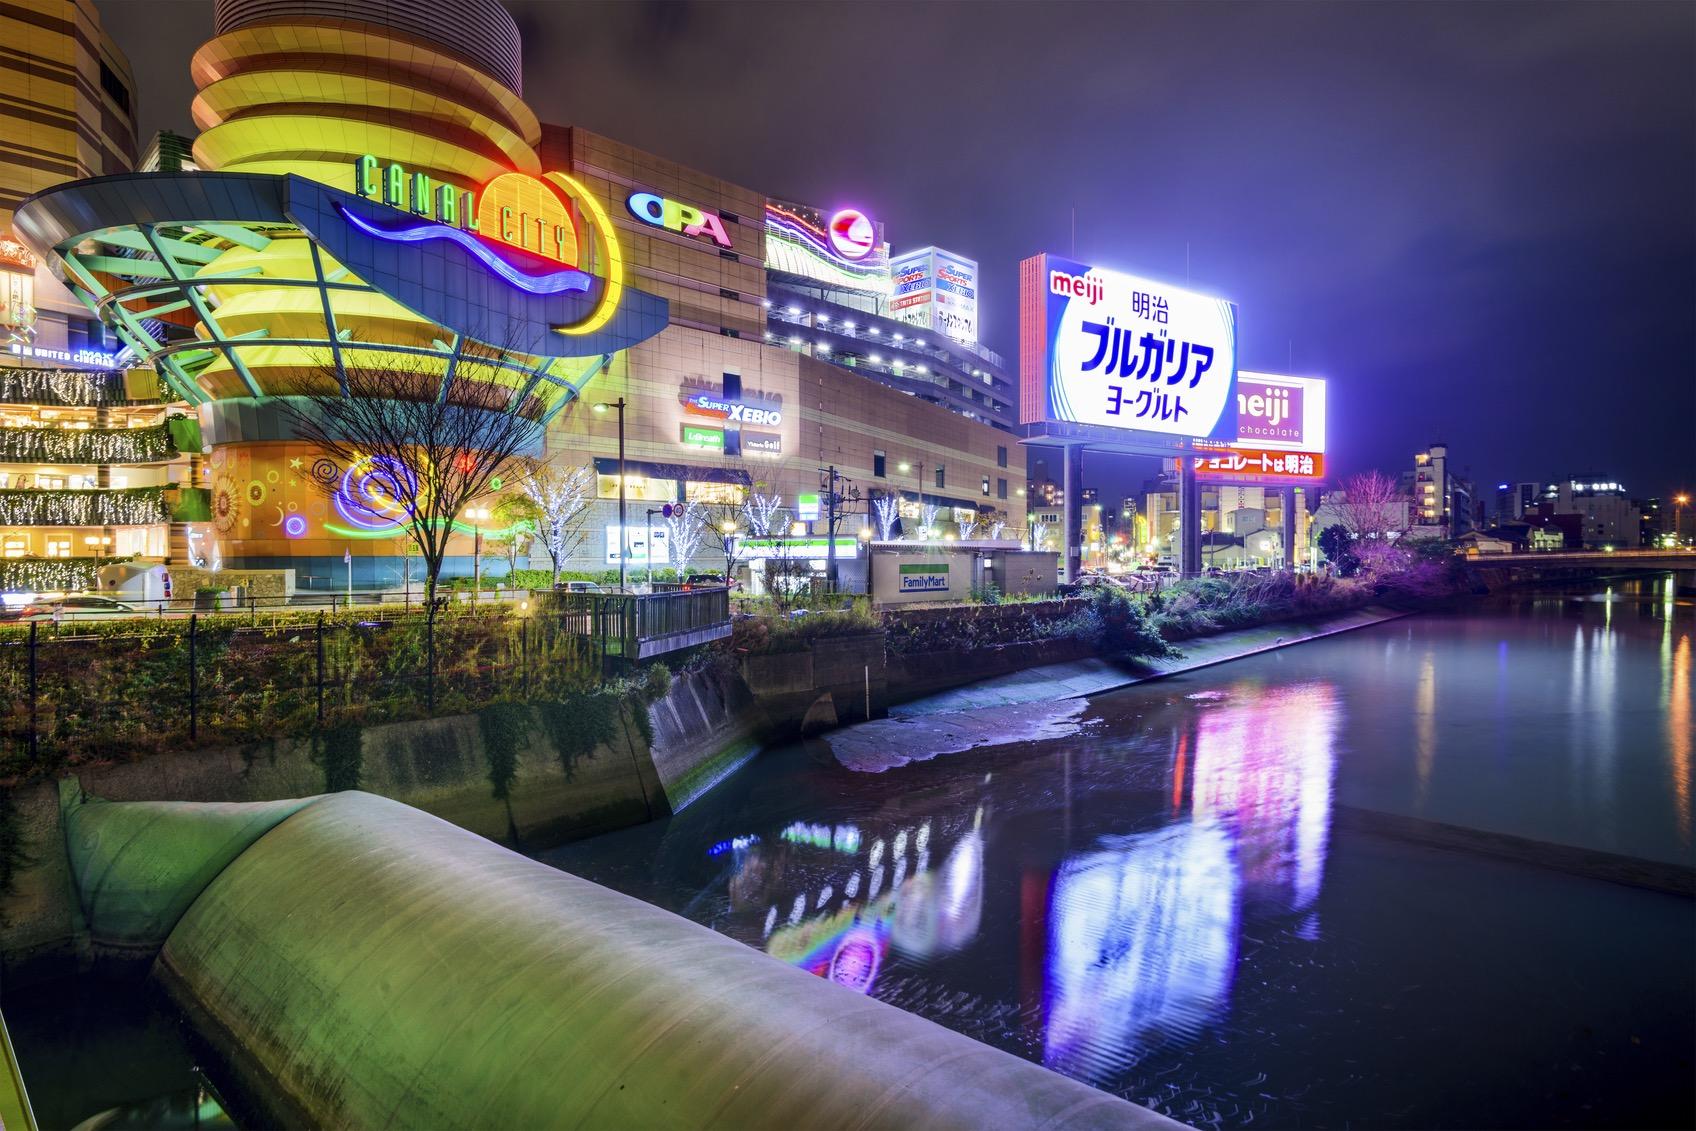 Canal City in Fukuoka, Japan